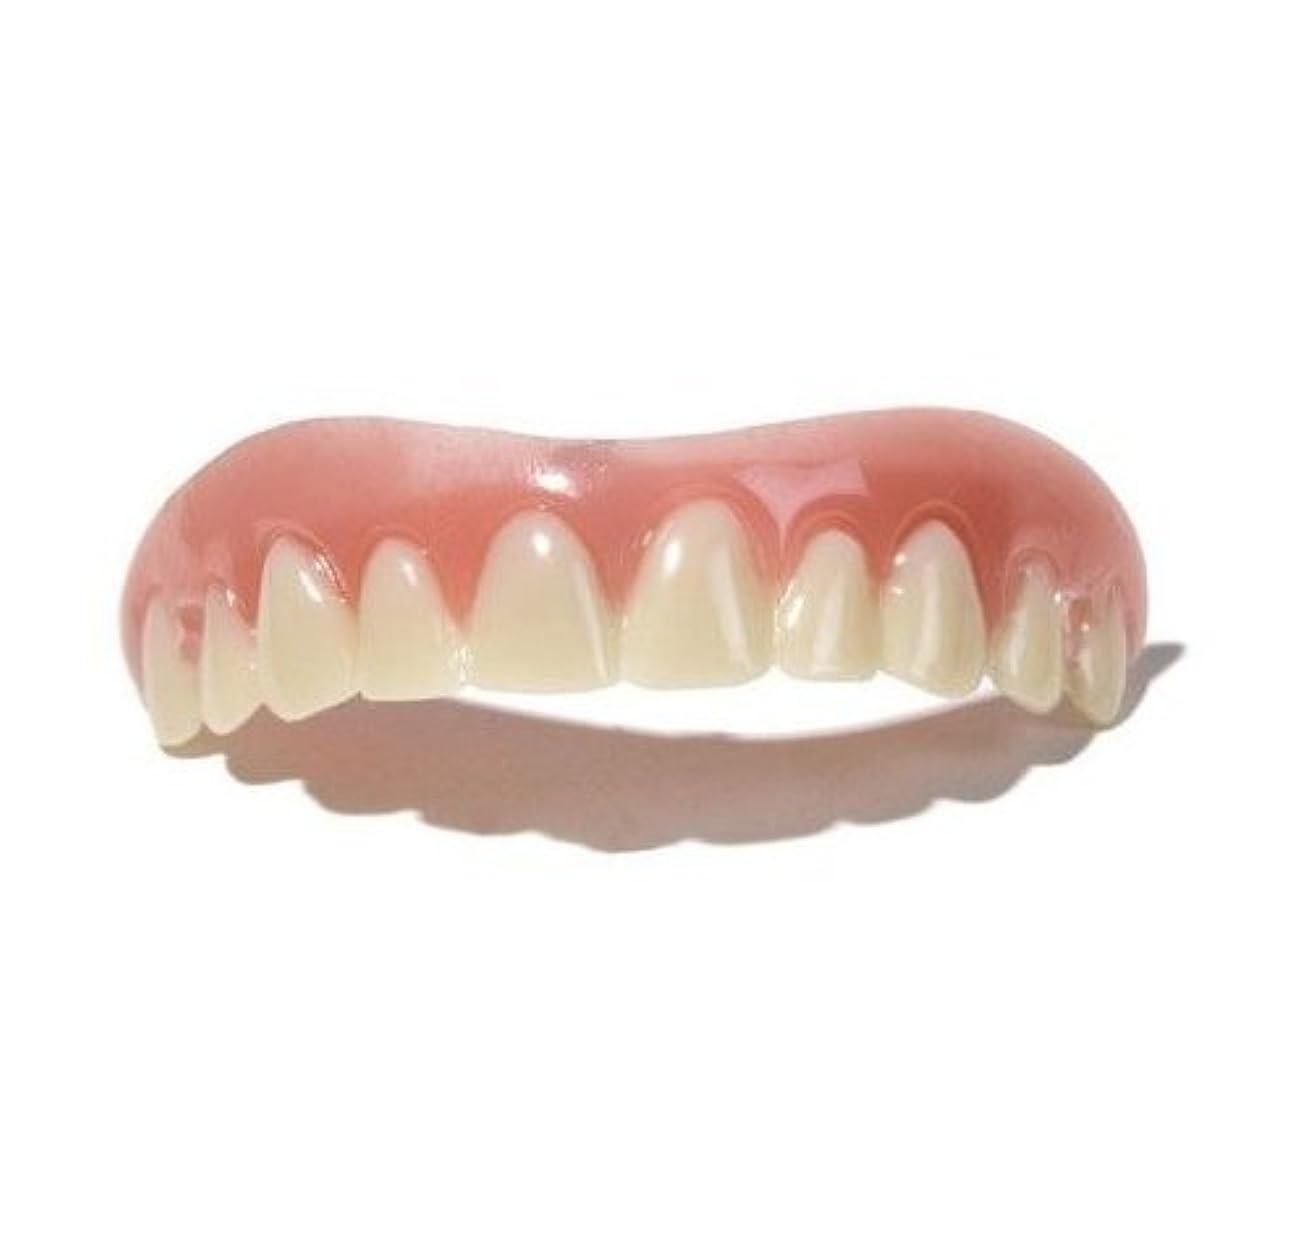 開発する指定する延期するインスタント 美容 つけ歯 上歯(free size (Medium)) [並行輸入品]